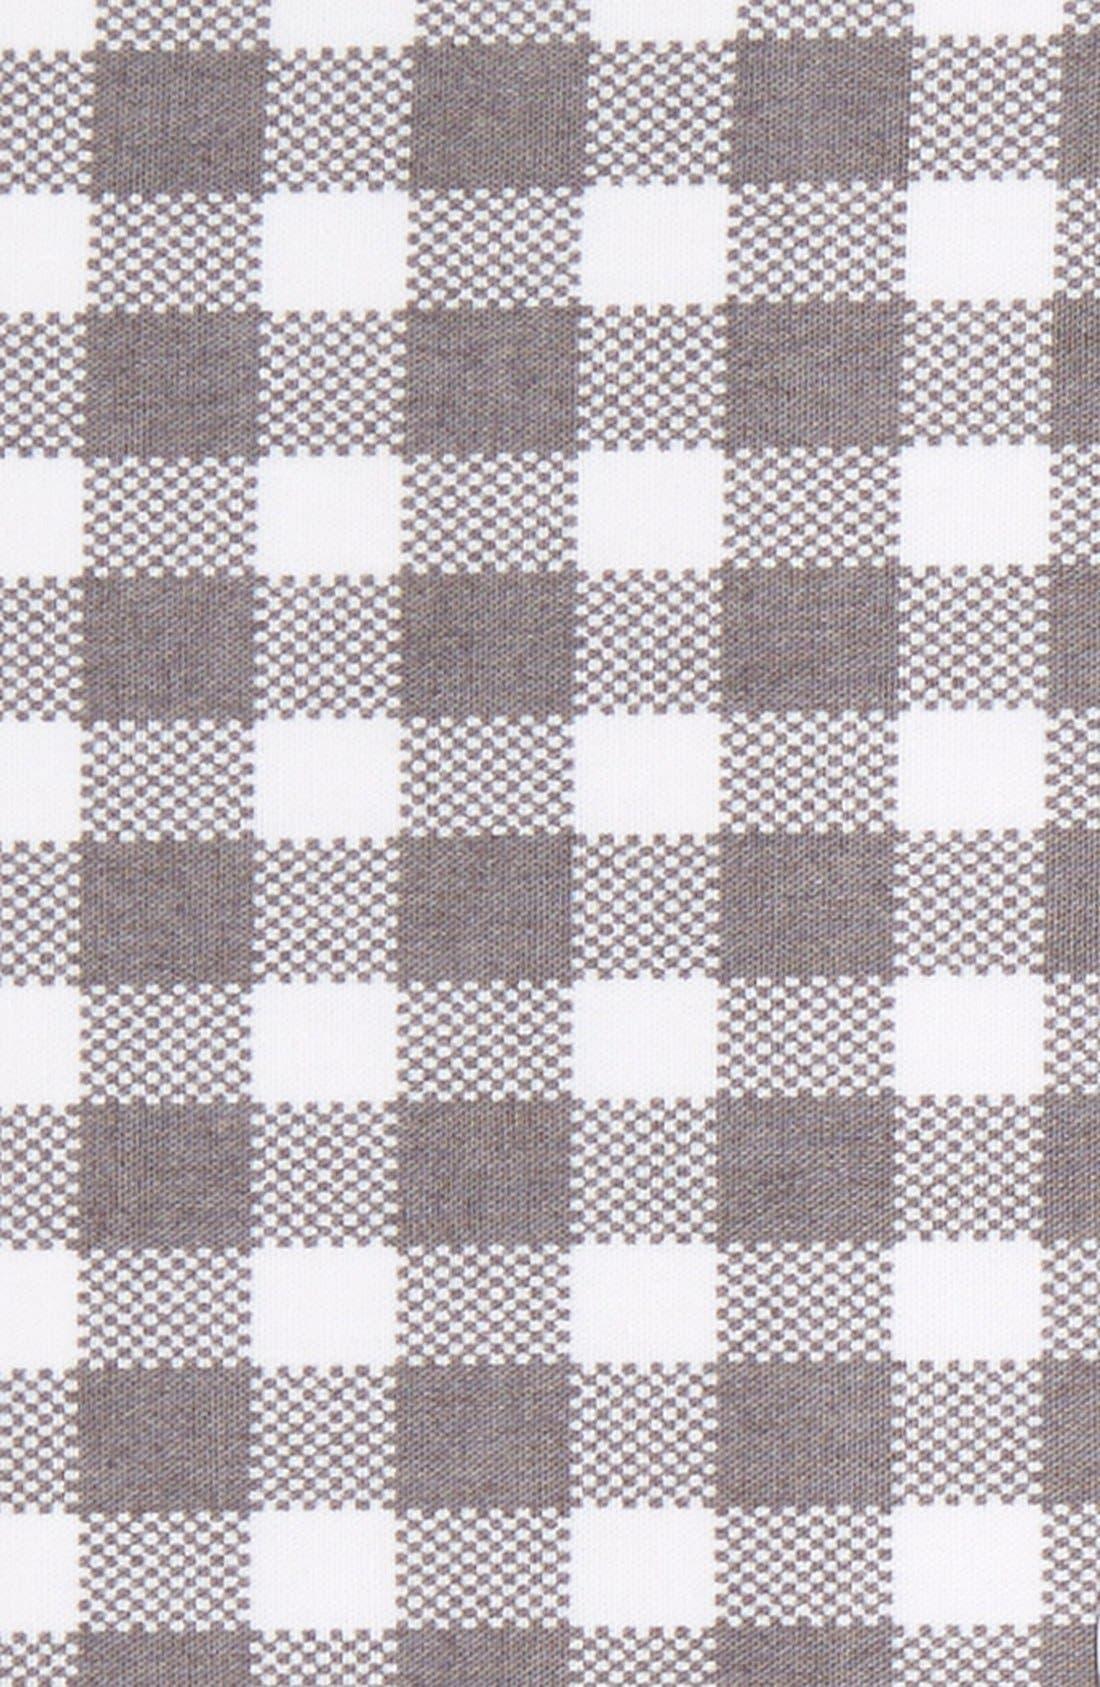 Alternate Image 2  - Nordstrom Baby Gingham Crib Skirt